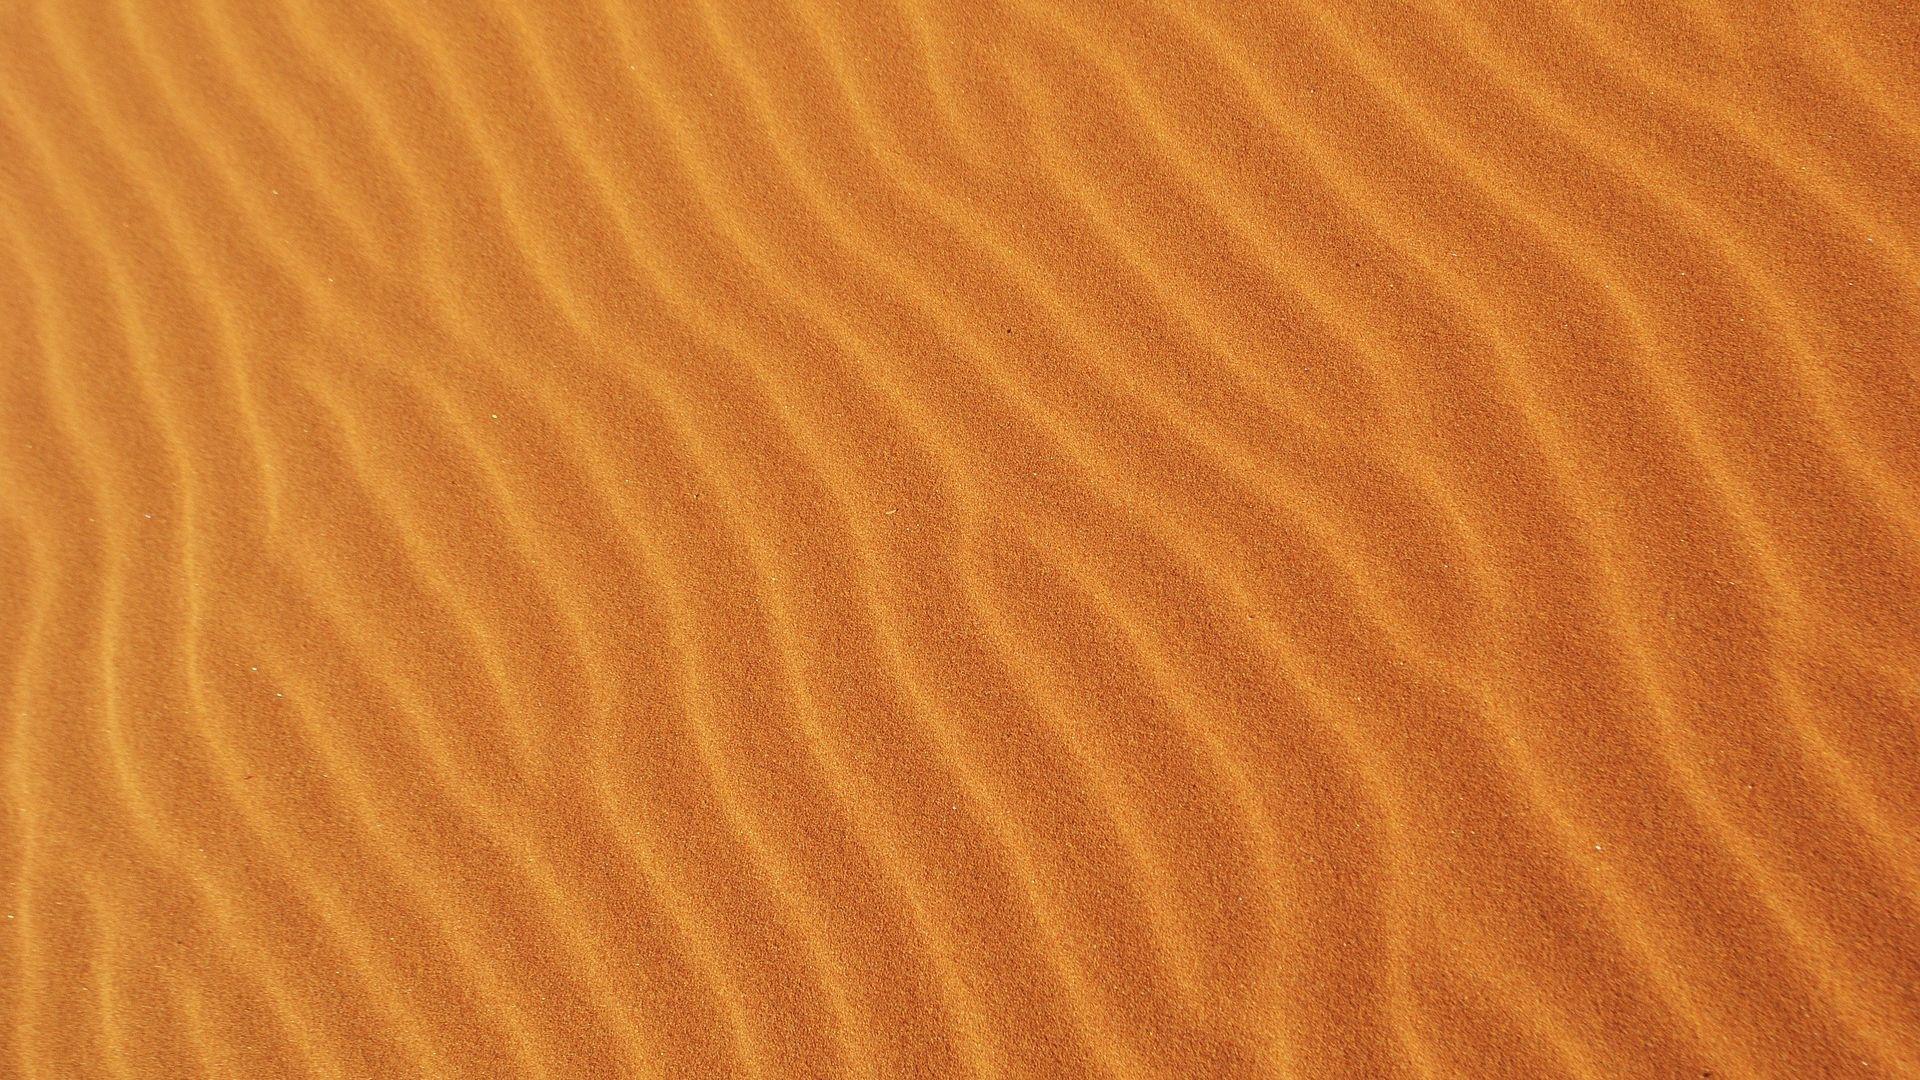 Desert Sand HD Background In 2019 Autumn Photography Life Photography Black White Photography